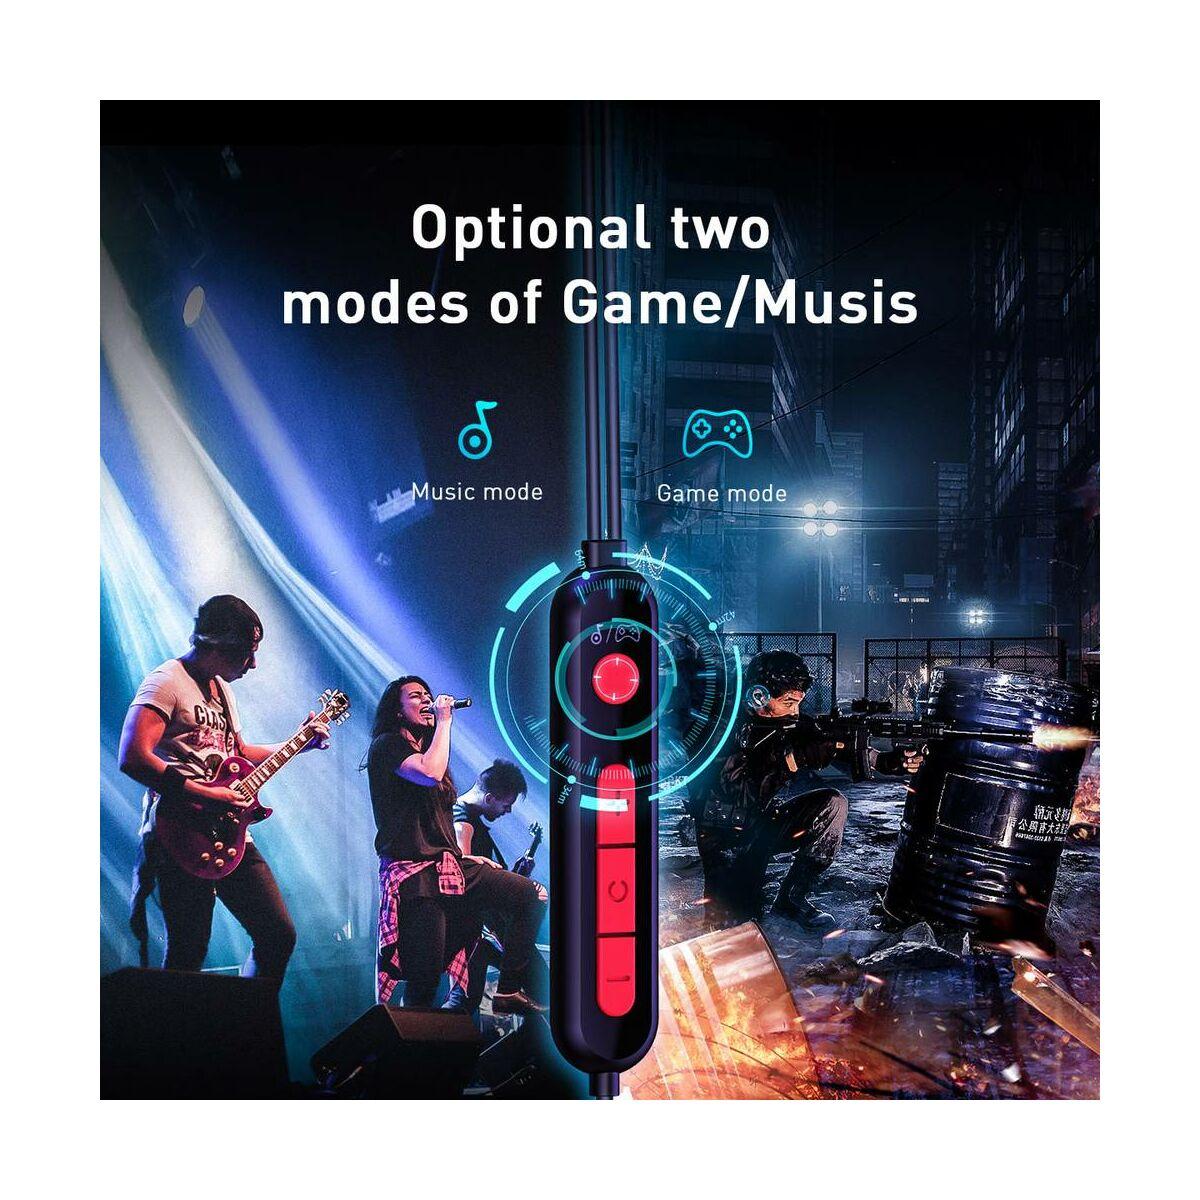 Baseus fülhallgató, GAMO C18 Immersive Virtual 3D mobil játékokhoz, vezetékes, Type-C csatlakozóval, piros (NGC18-09)